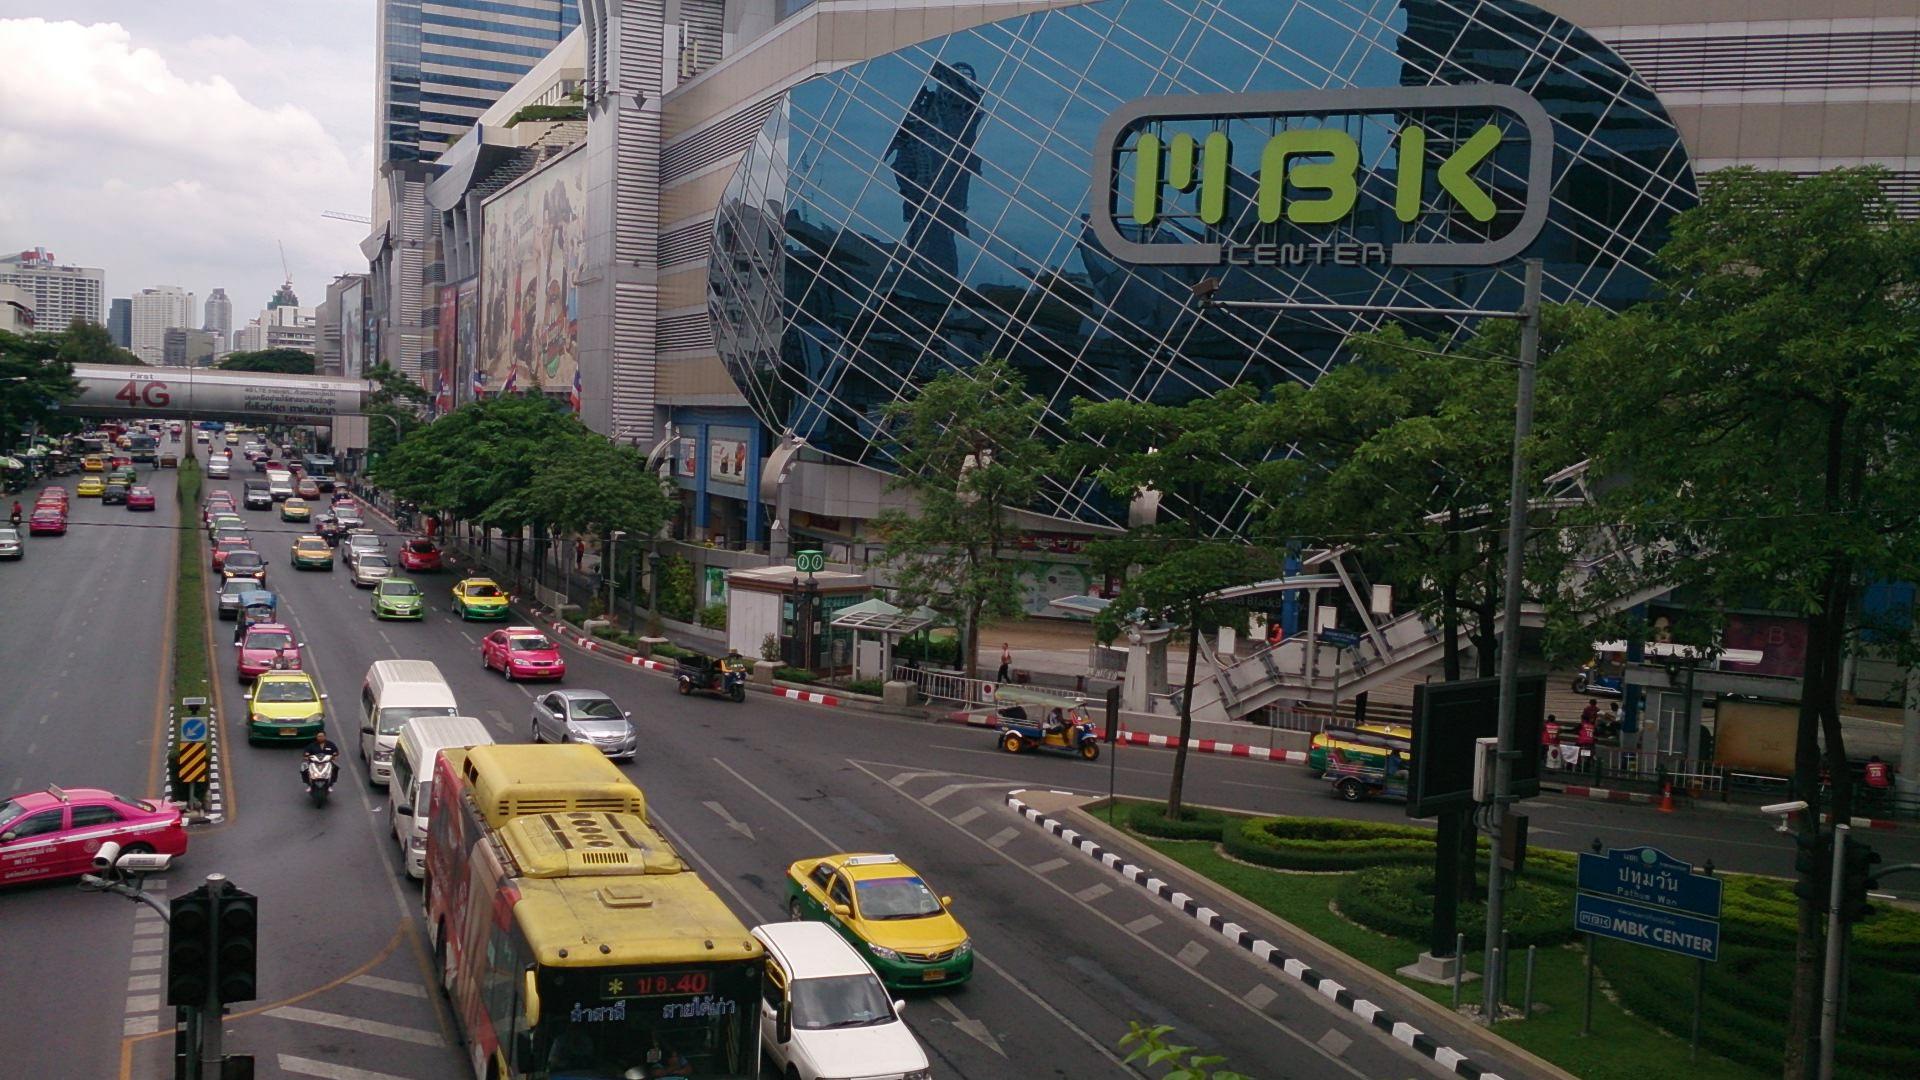 ヒトとモノが溢れる庶民派巨大マーケット MBKセンター